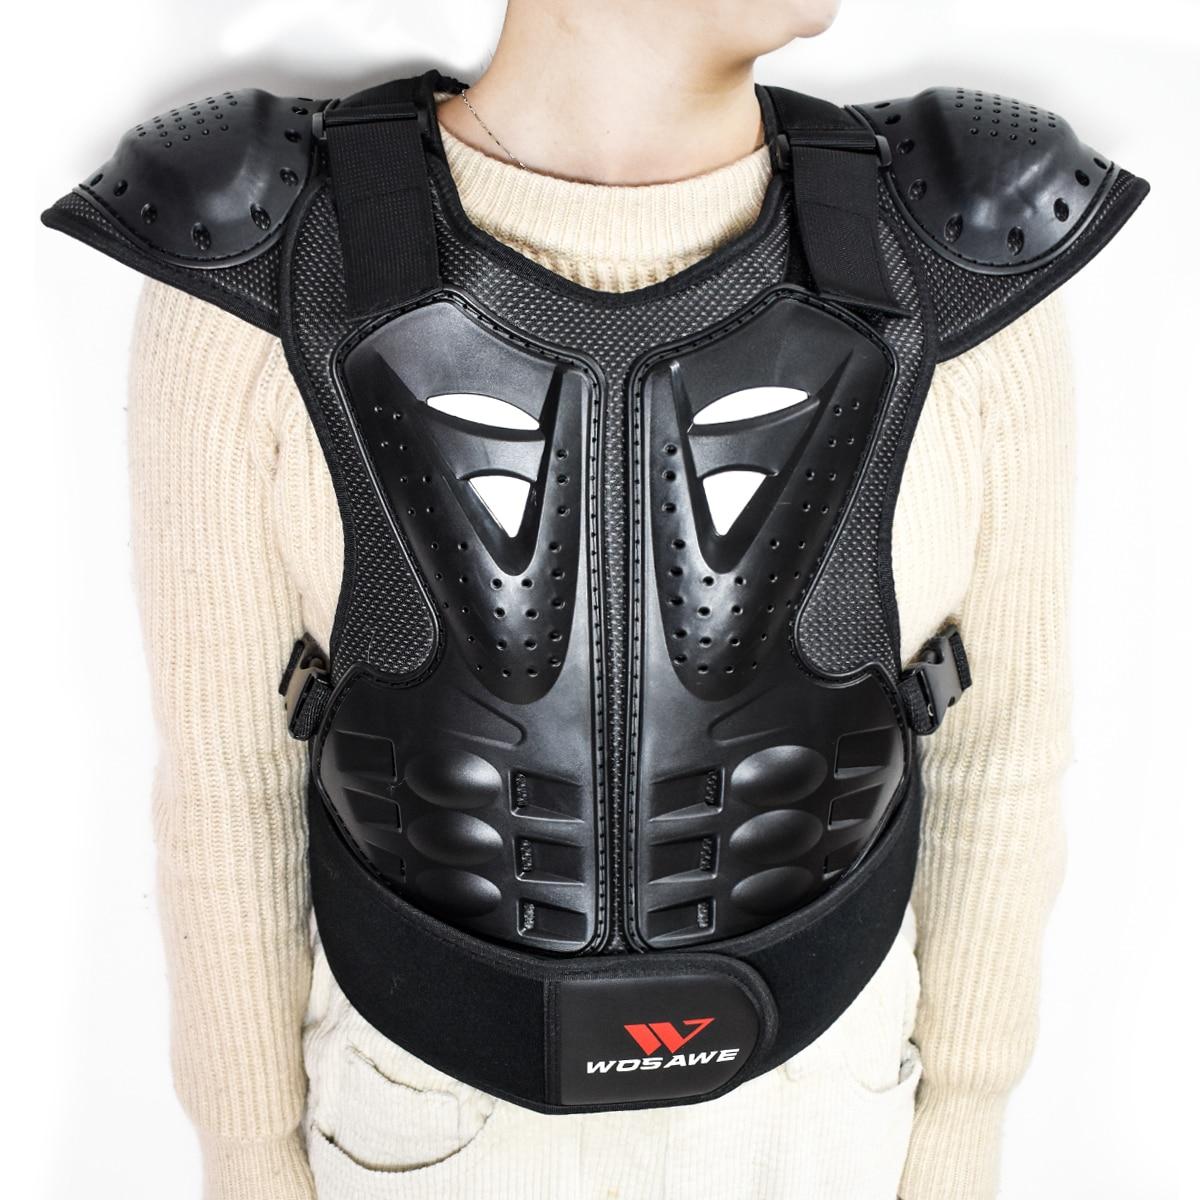 WOSAWE enfants protecteur de corps moto Dirt Bike protection gilet veste de cyclisme enfants Amour équipement pour Motocross patinage